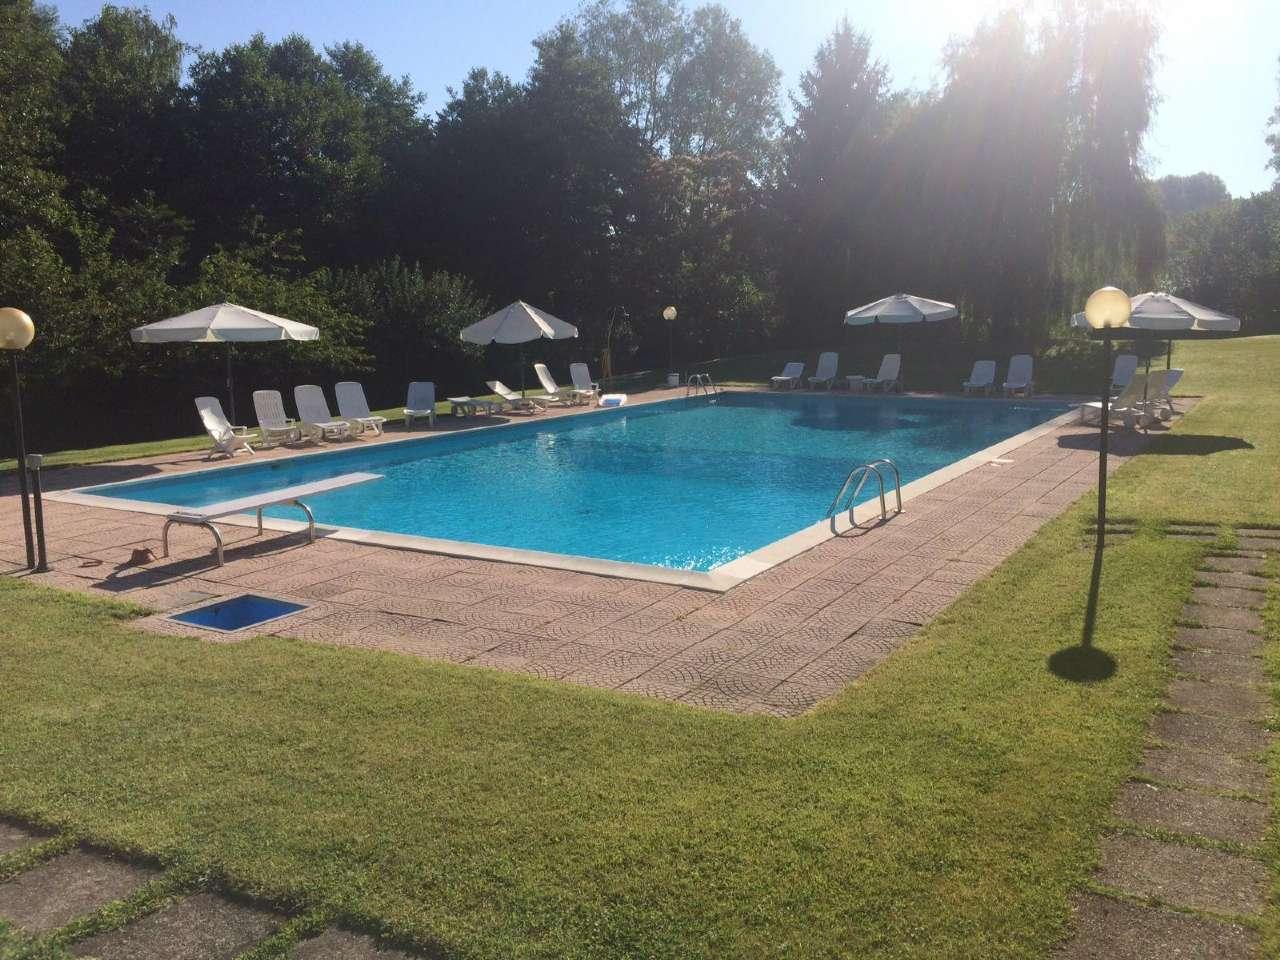 Villa in vendita a Bodio Lomnago, 12 locali, prezzo € 690.000 | CambioCasa.it